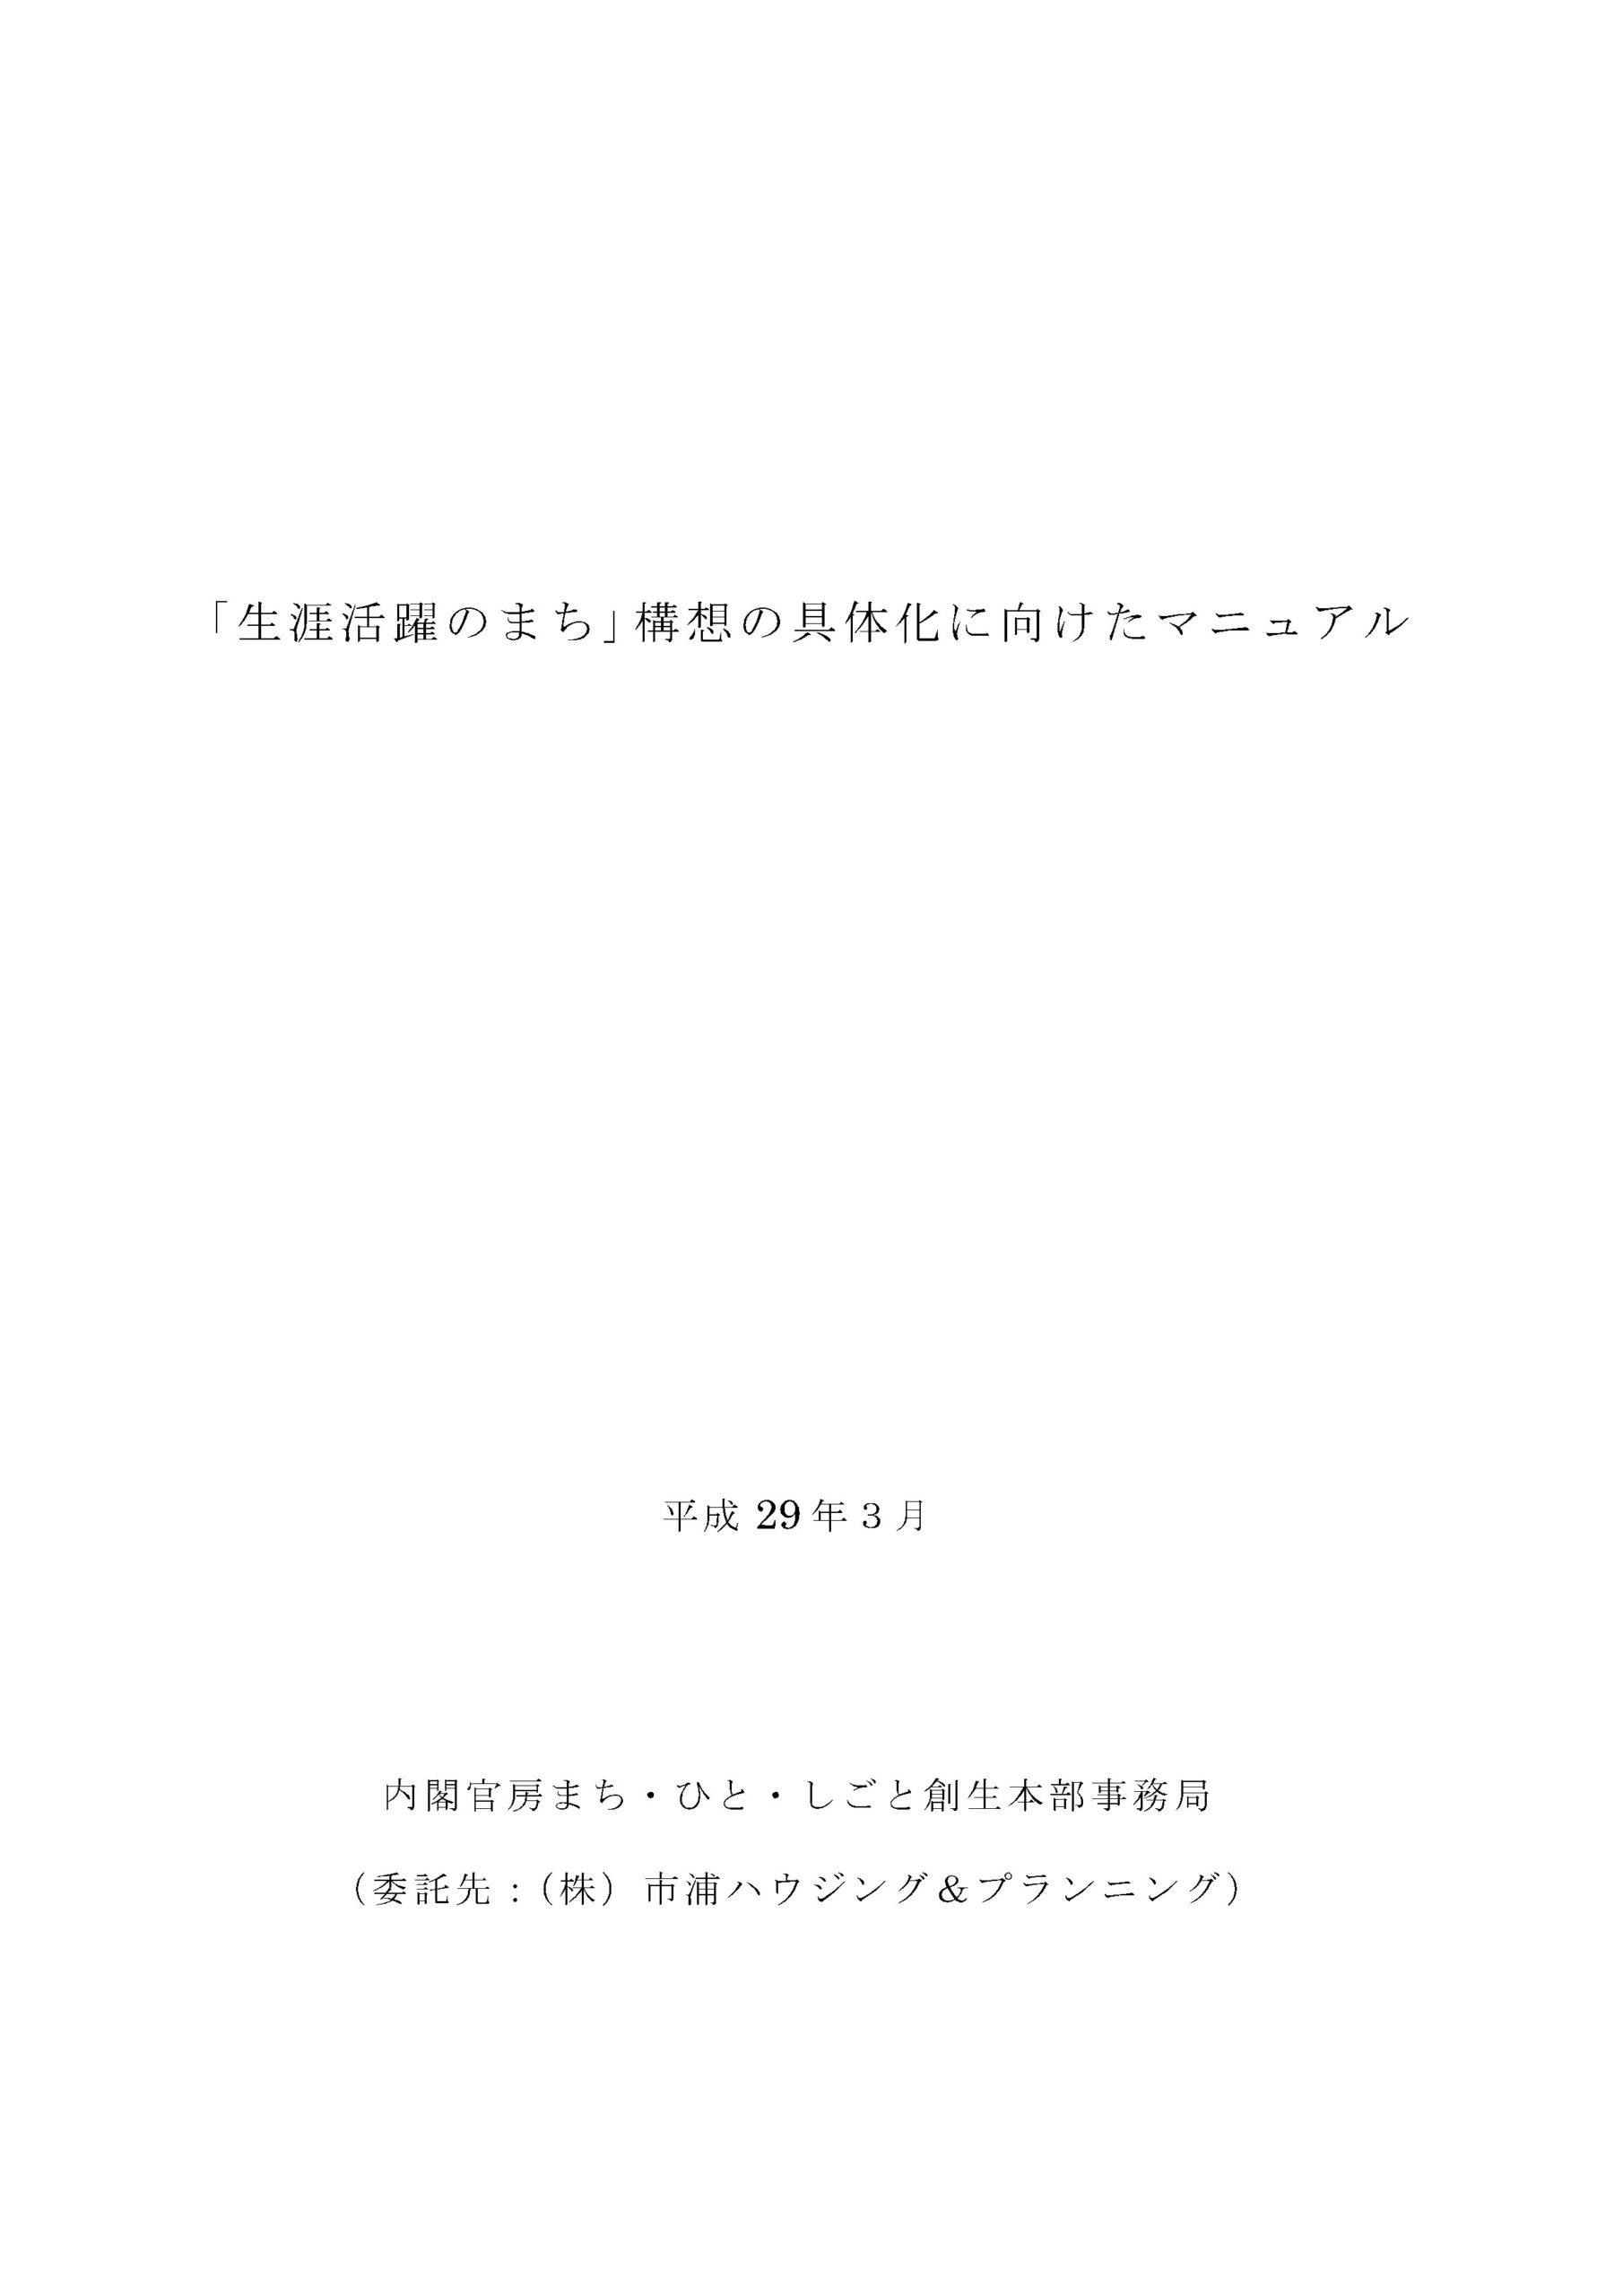 「生涯活躍のまち」(日本版CCRC)構想の実現・普及に向けたマニュアルの作成